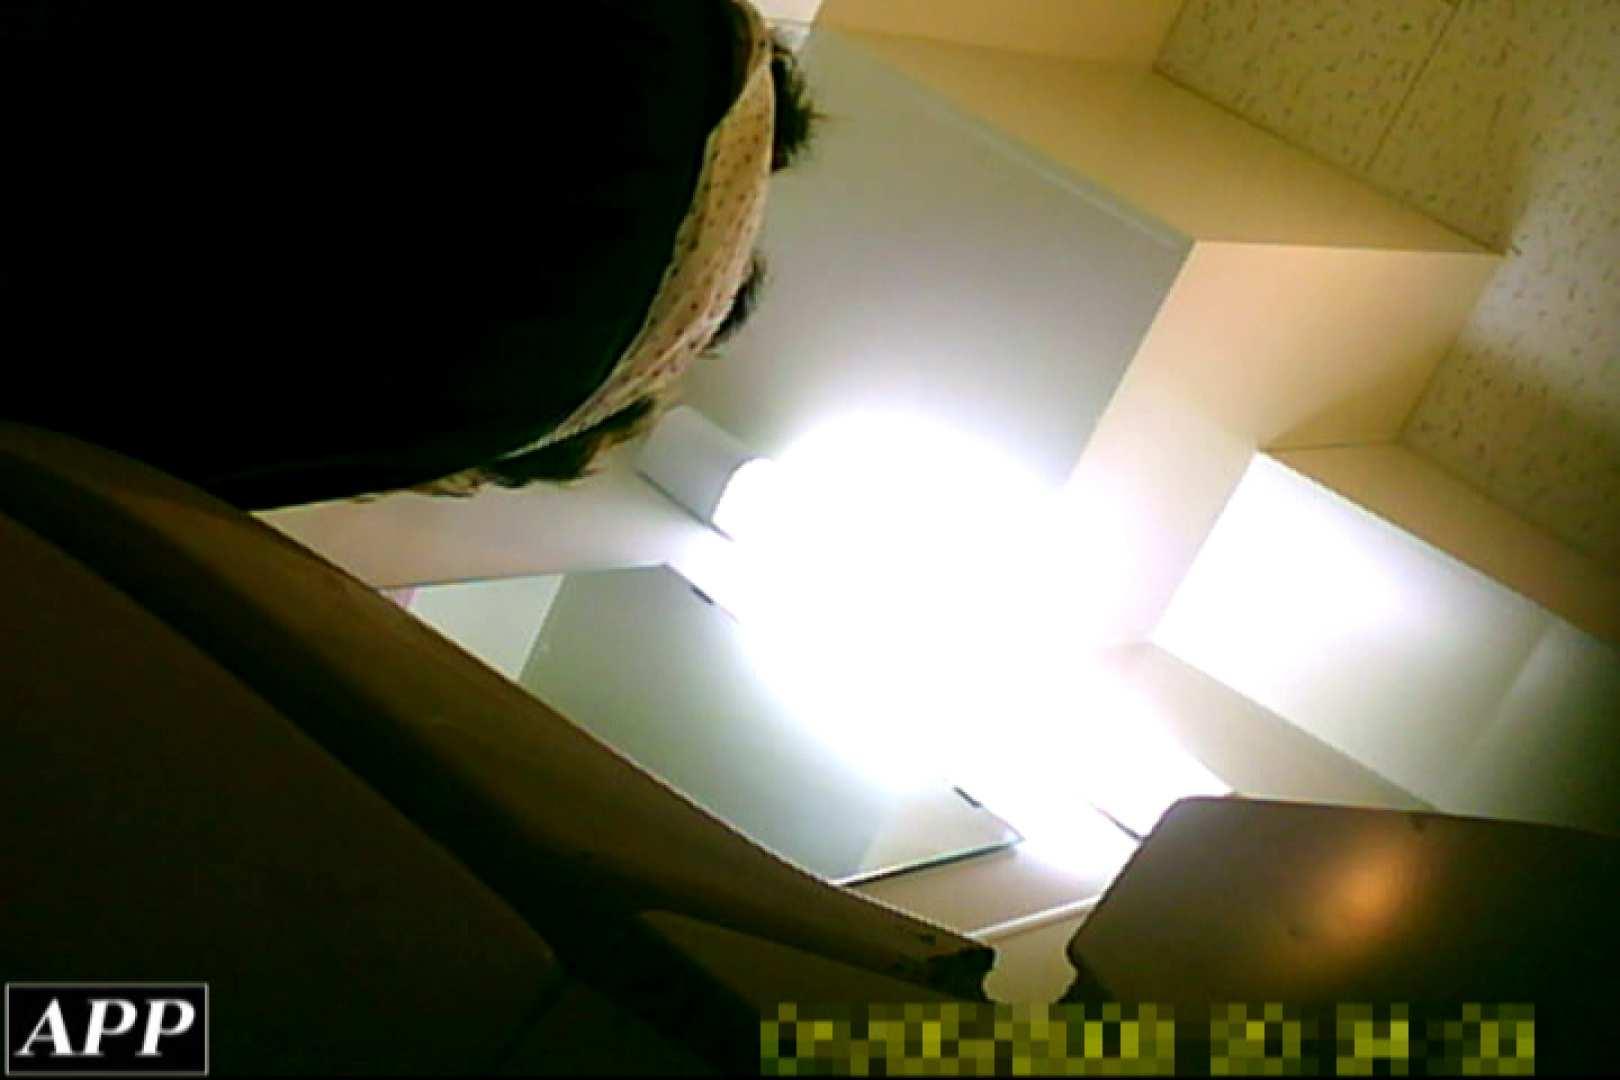 3視点洗面所 vol.140 OLのボディ   盗撮  64PIX 25